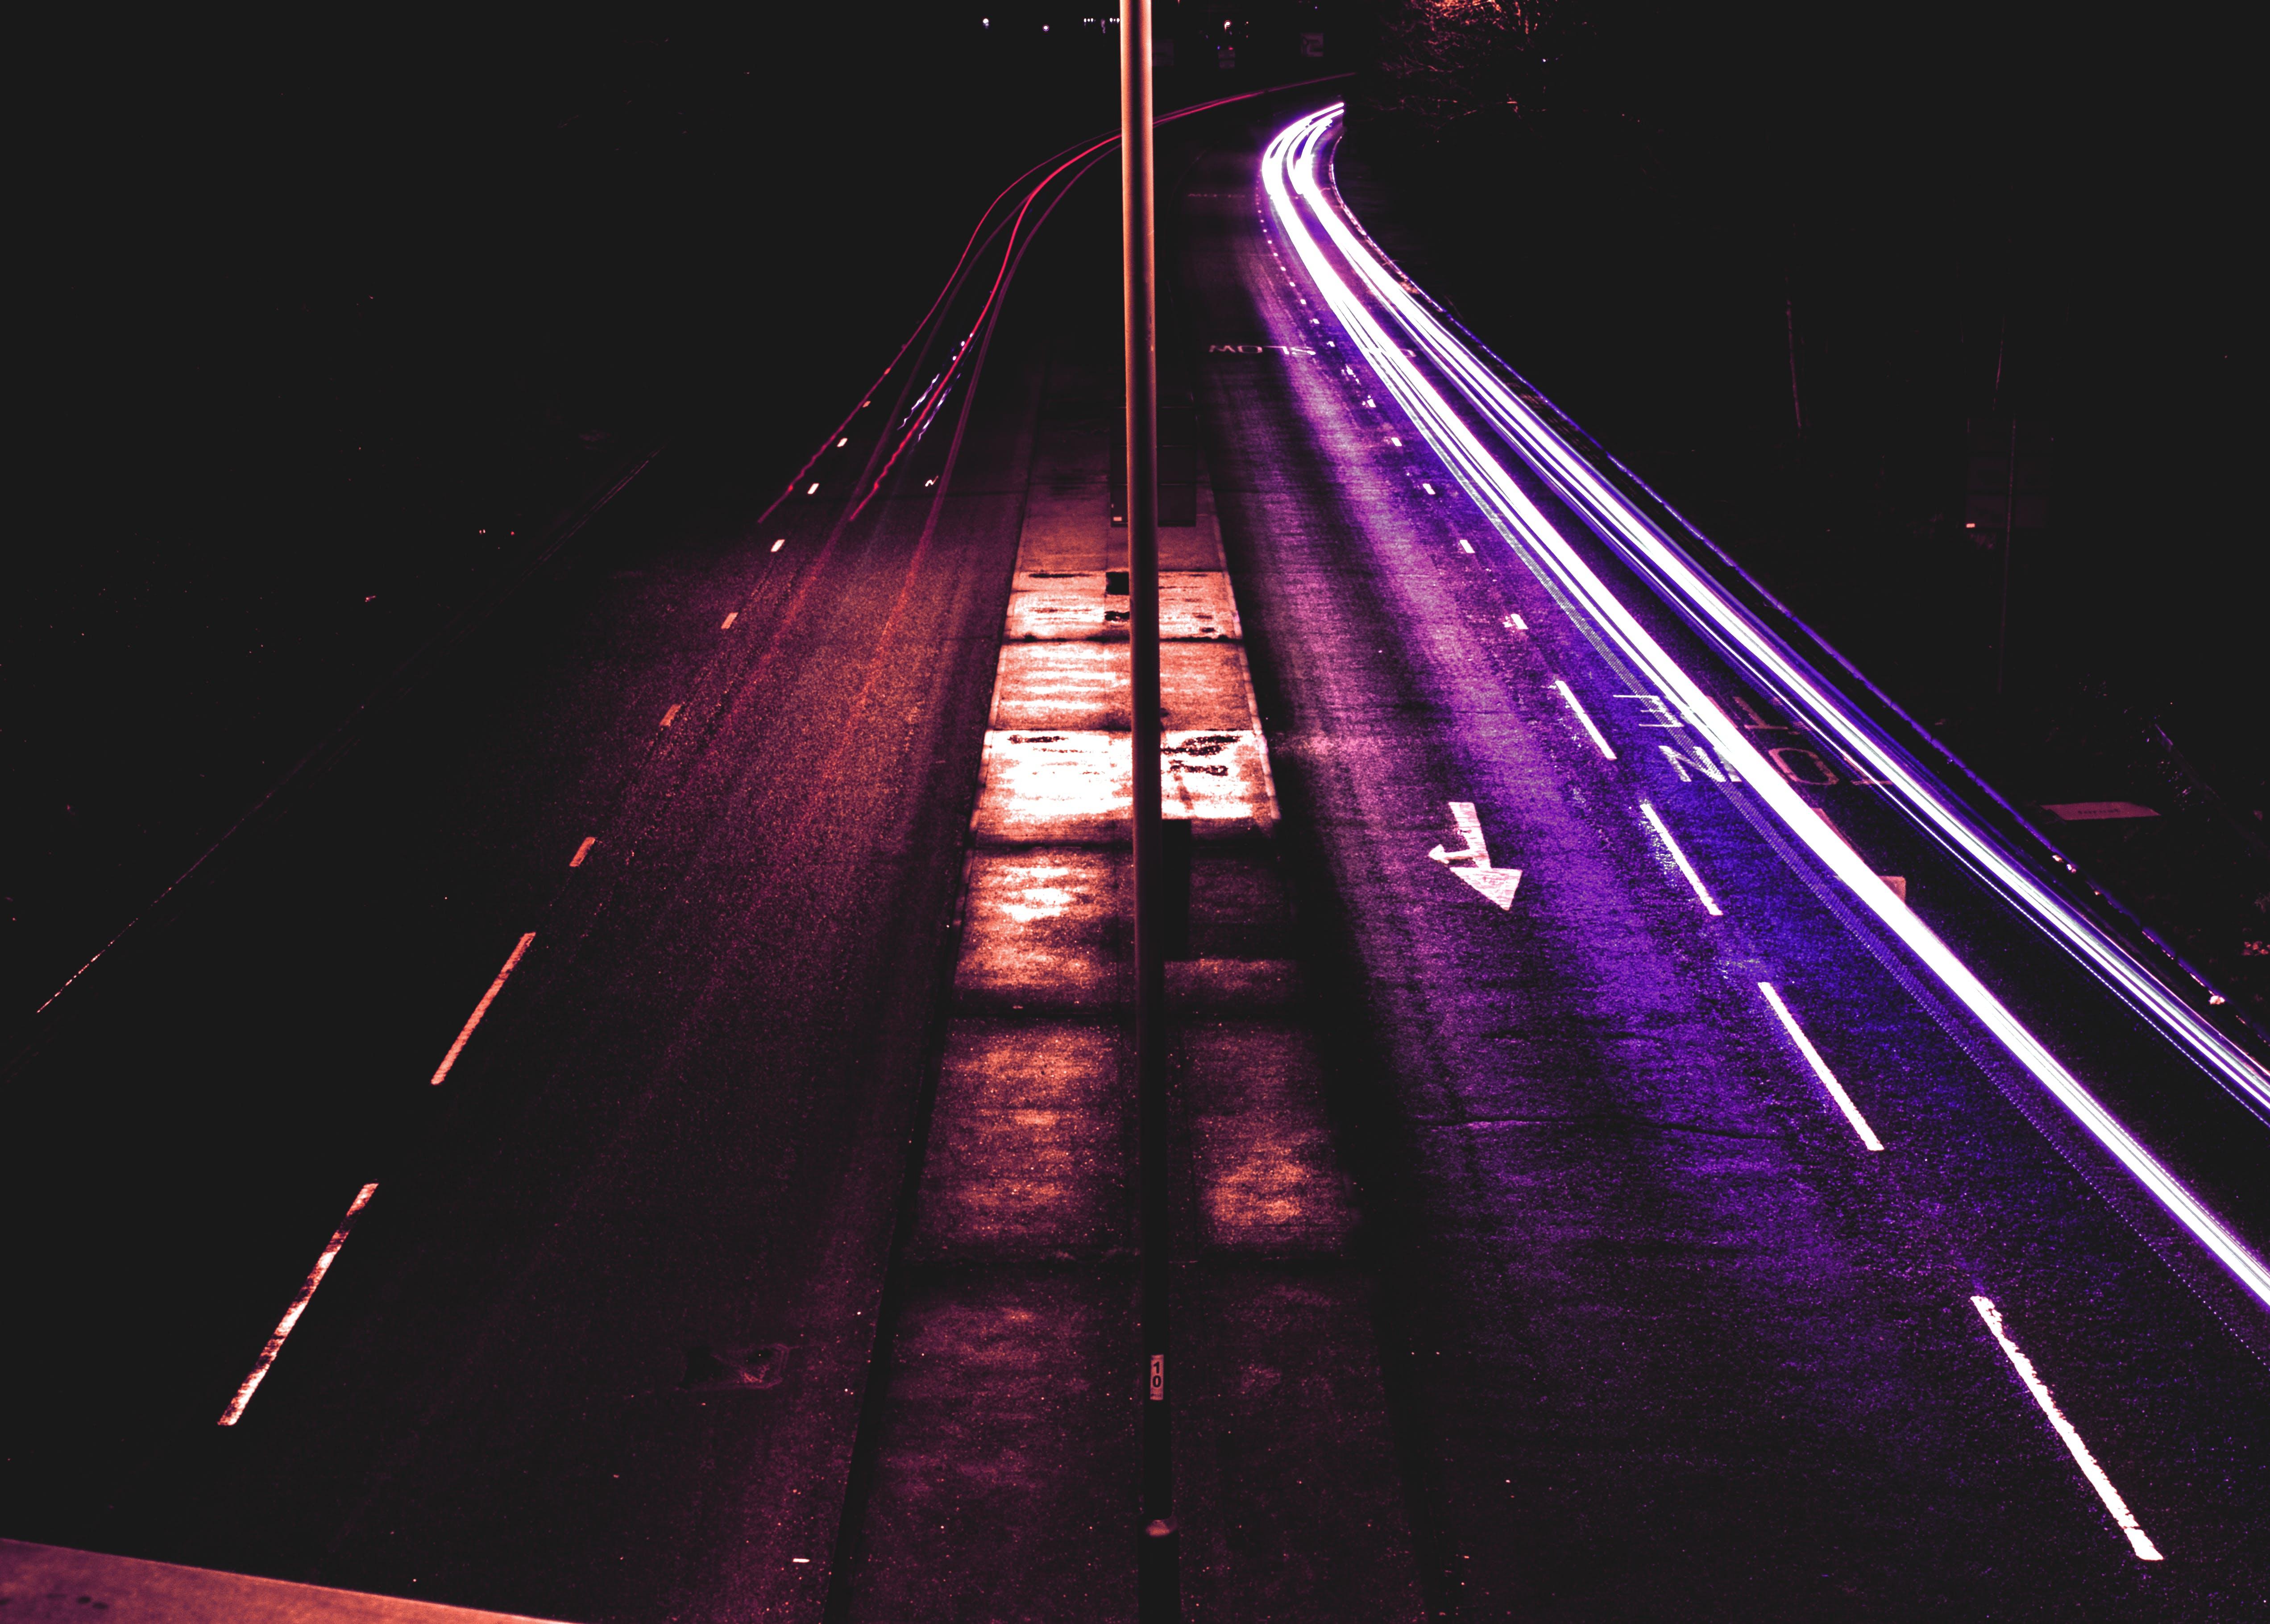 akşam, asfalt yok, aydınlatılmış, bulanıklık içeren Ücretsiz stok fotoğraf